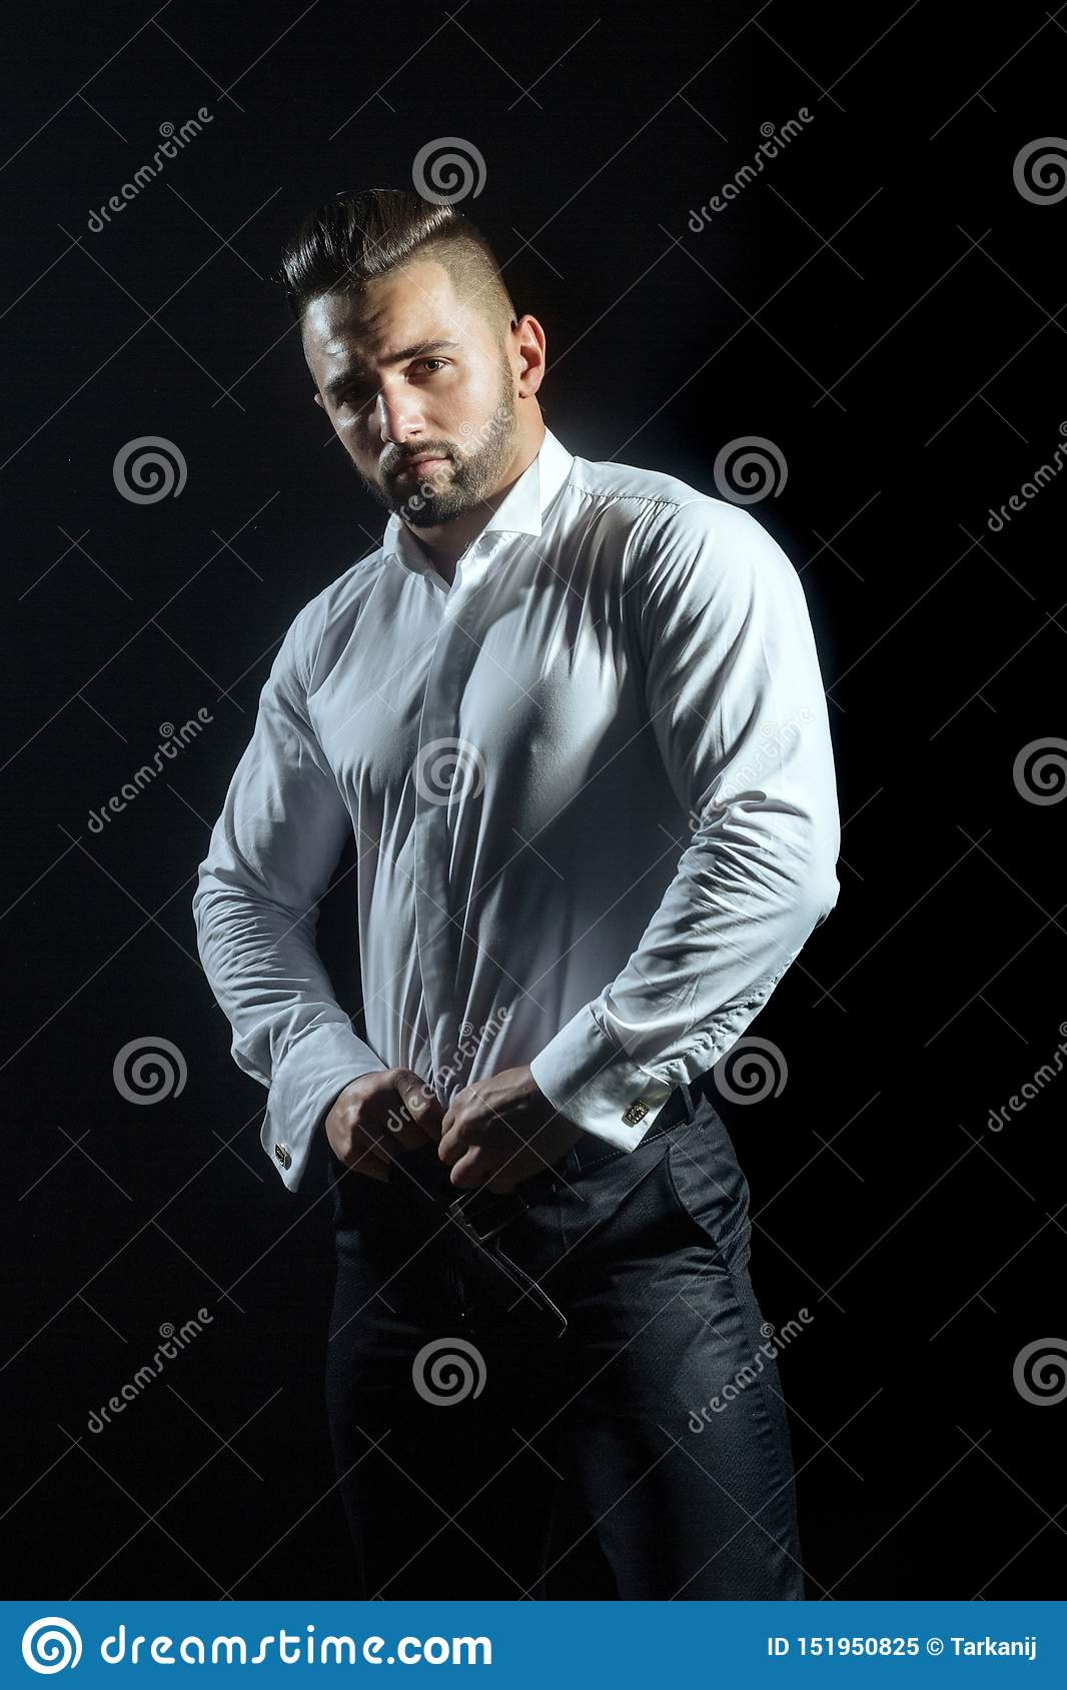 Muskulöser hübscher Kerl auf schwarzem Hintergrund wirft tragendes elegantes weißes Hemd und schwarze Hose auf Kleiderordnung für